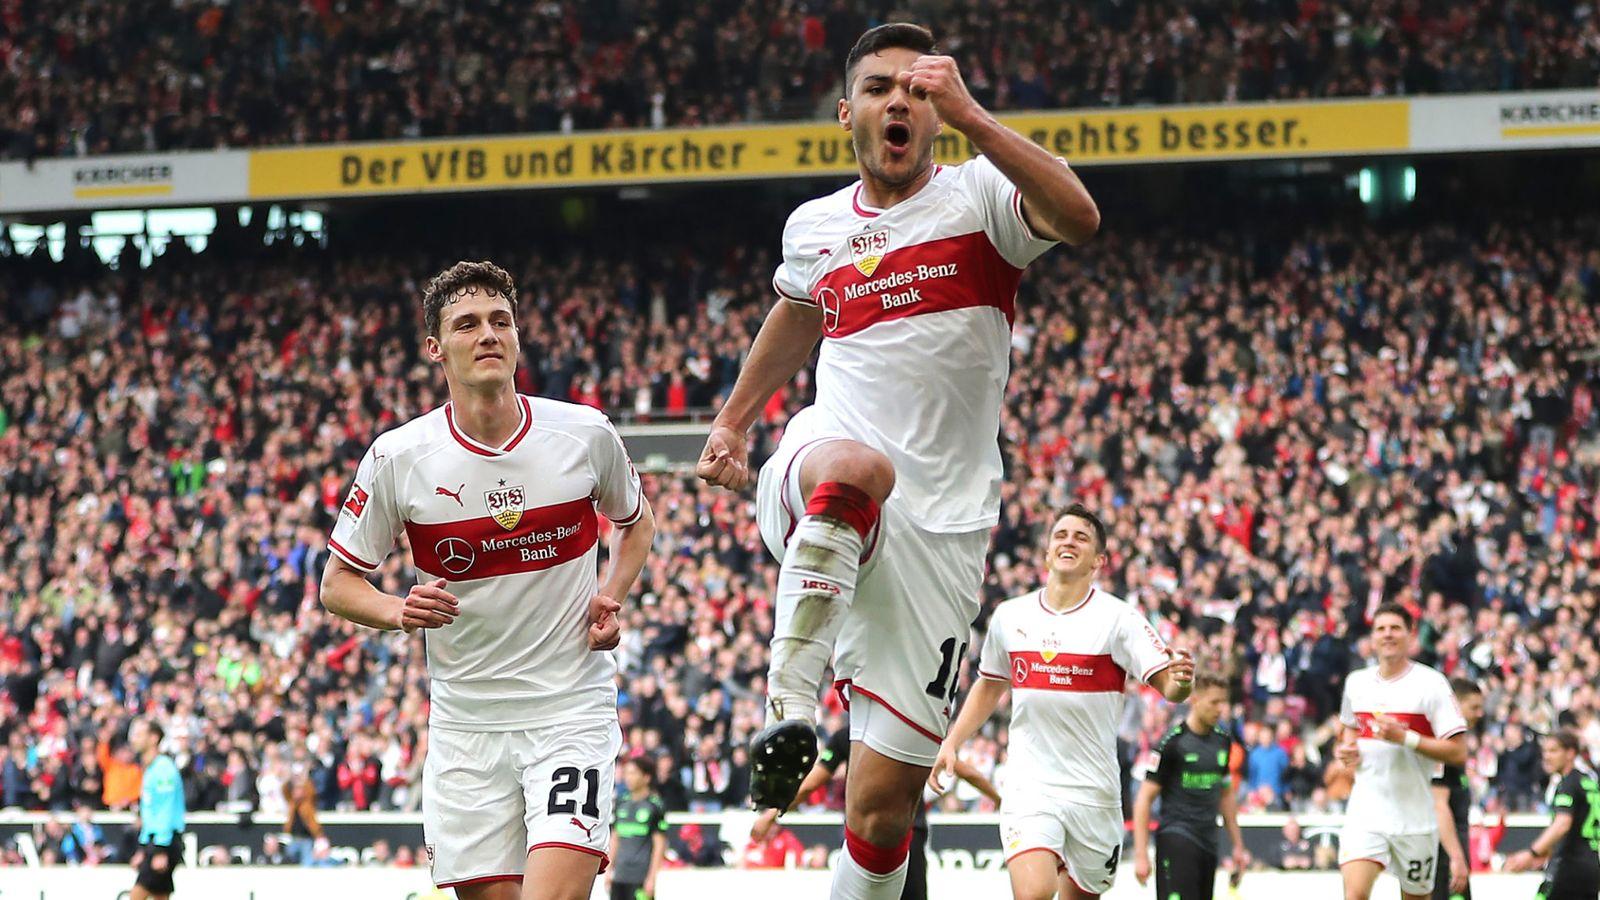 德国天空体育:米兰接近得到卡巴克,拜仁仍在犹豫